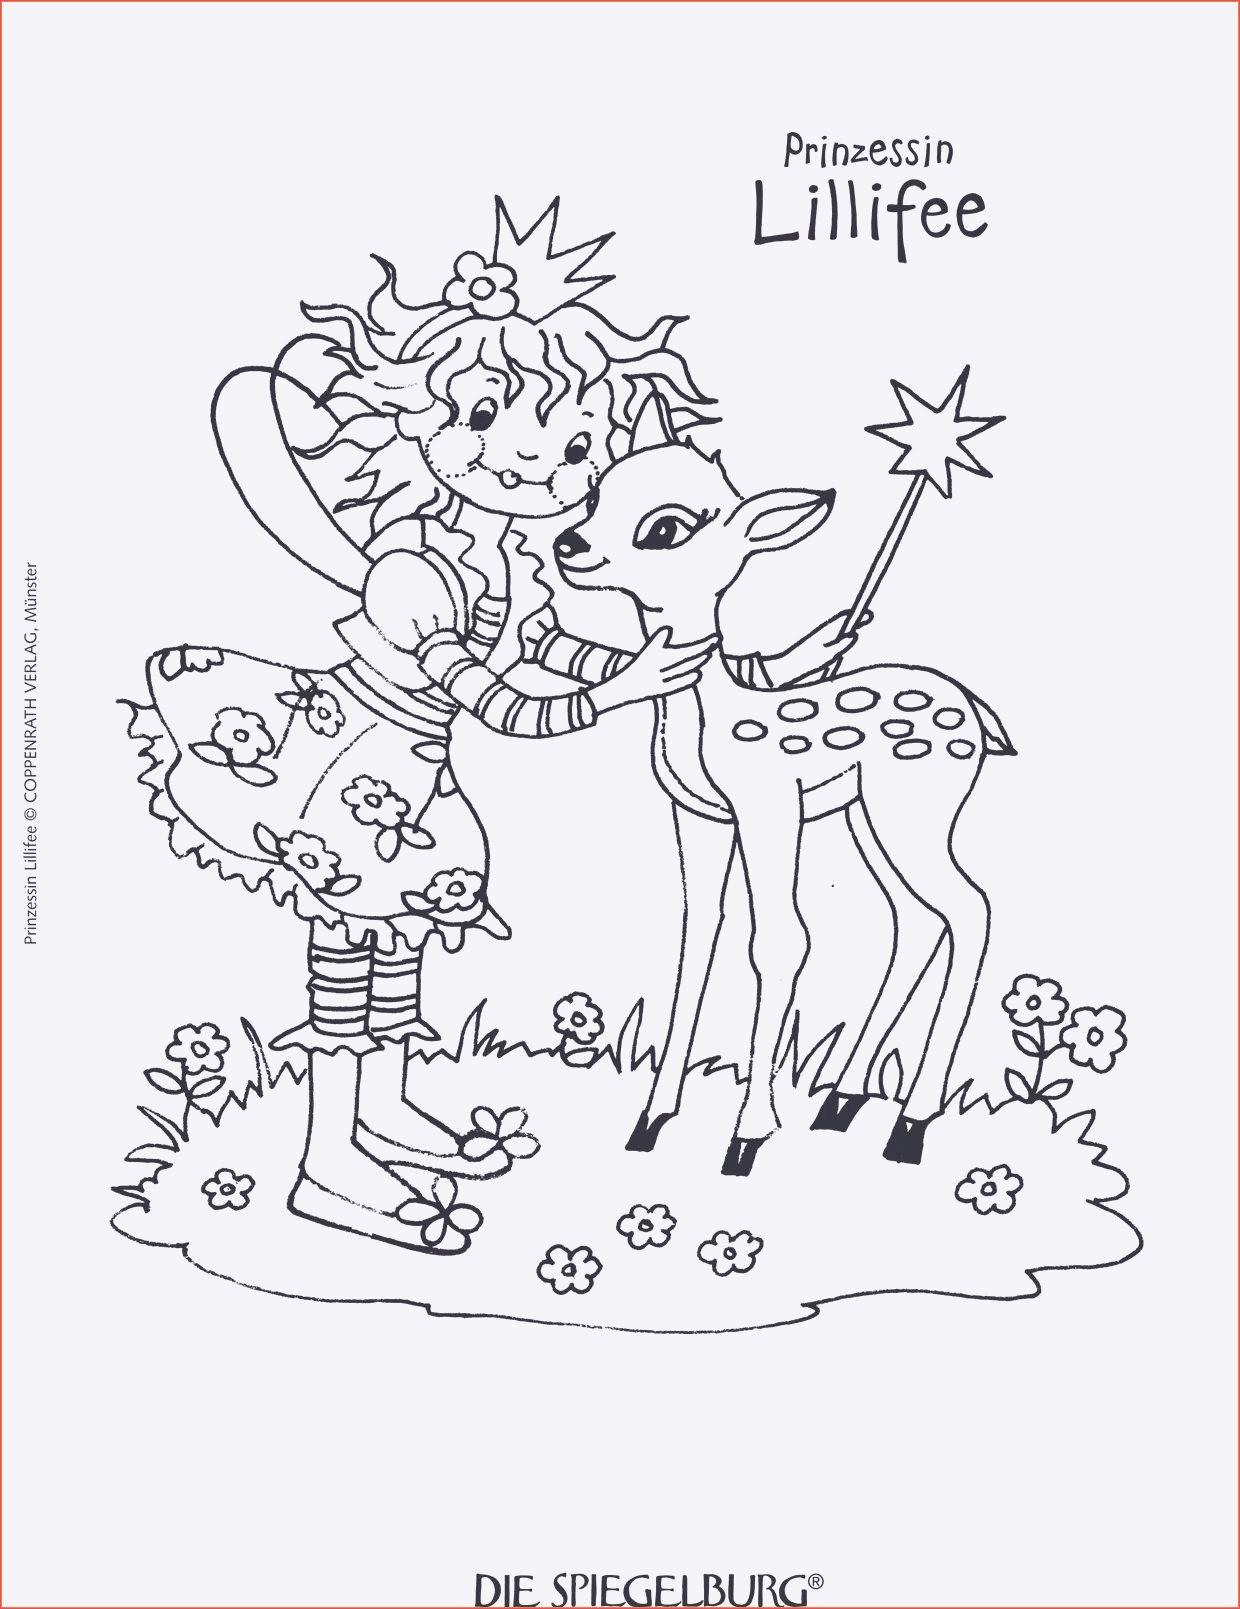 Osterhasen Bilder Kostenlos Das Beste Von Malvorlagen Gratis Prinzessin Disney Luxus Ausmalbilder Osterhase Sammlung